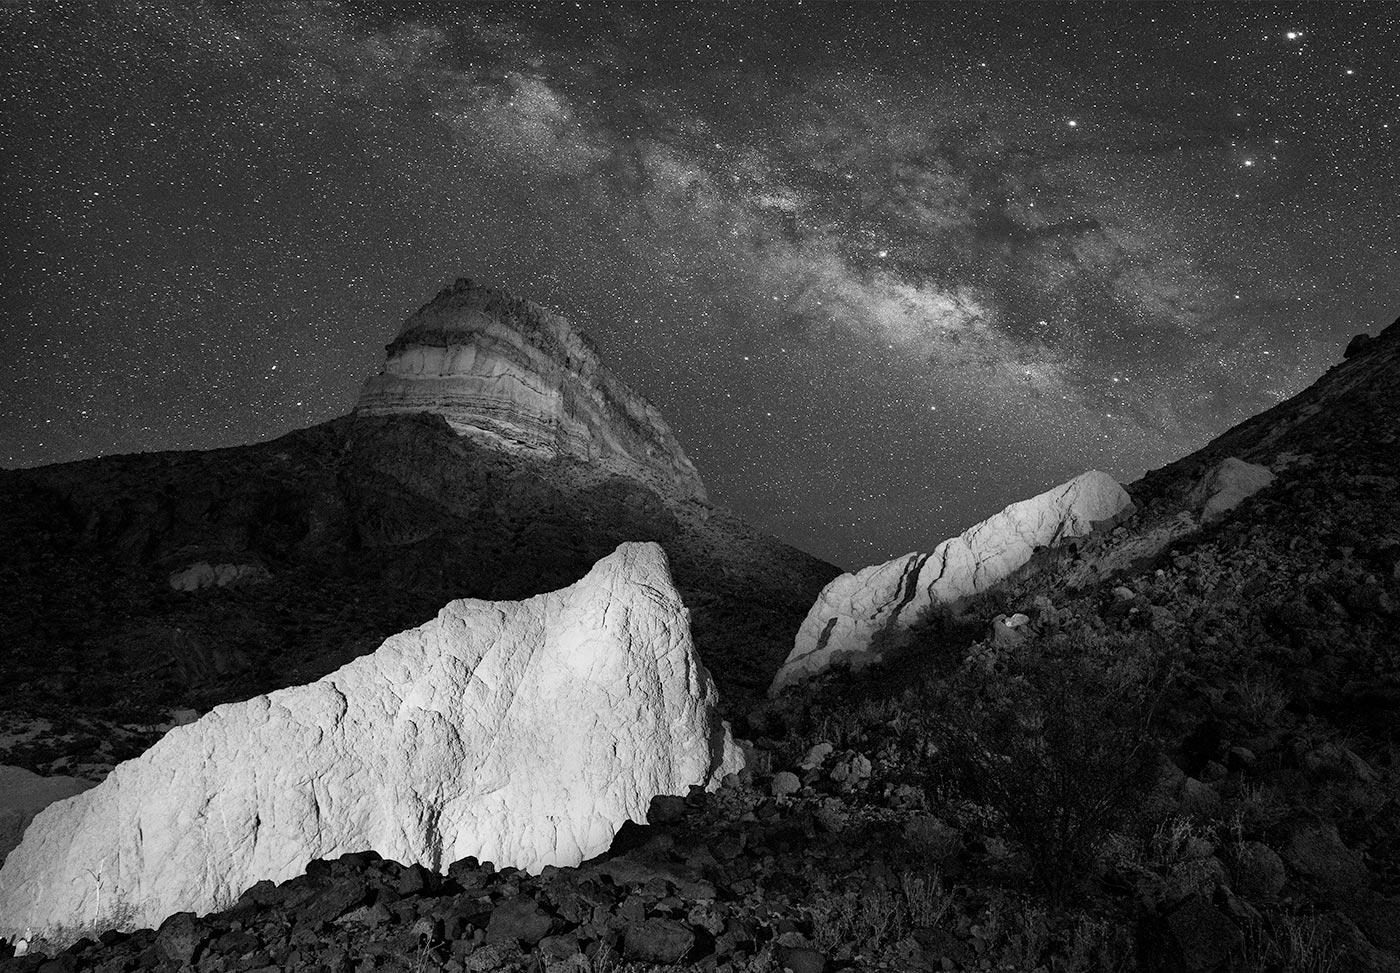 West-Texas-ABP-Cerro-Castellan-Milky-Way.jpg